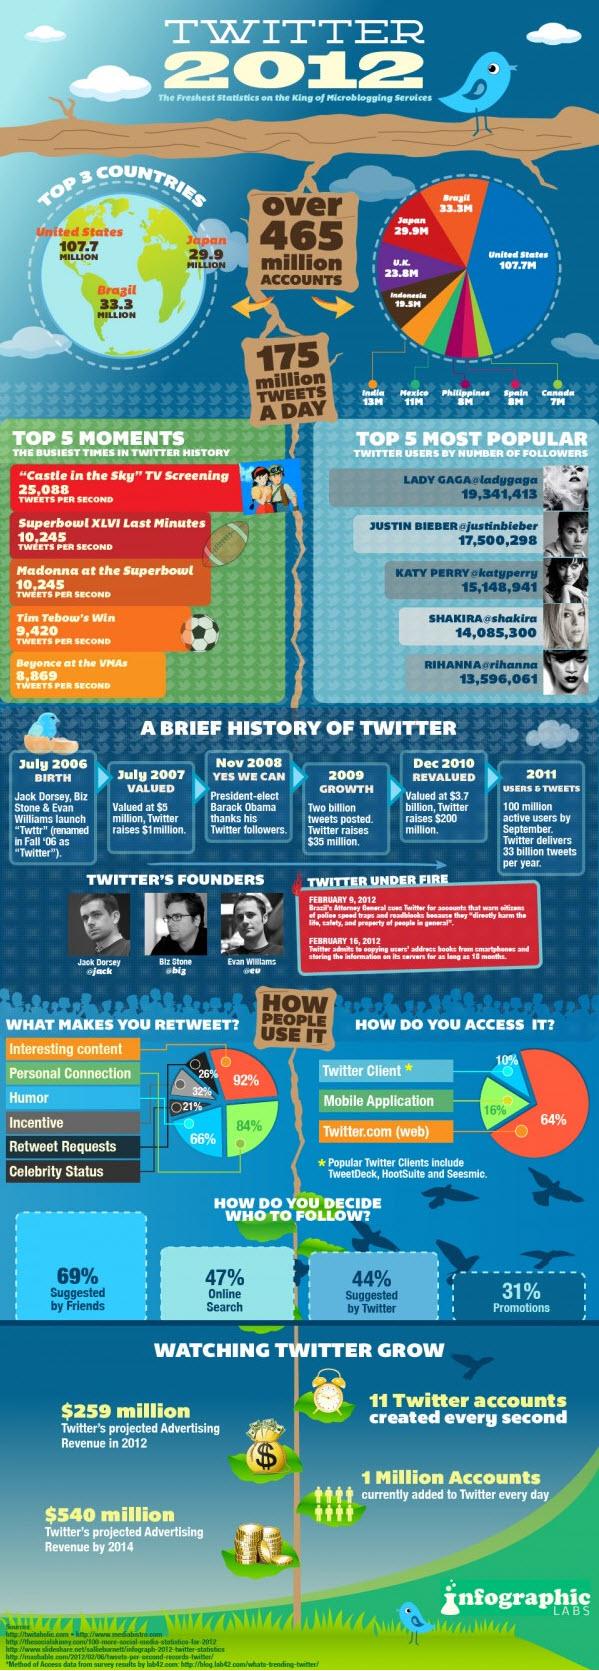 انفوغرافيك تويتر 2012